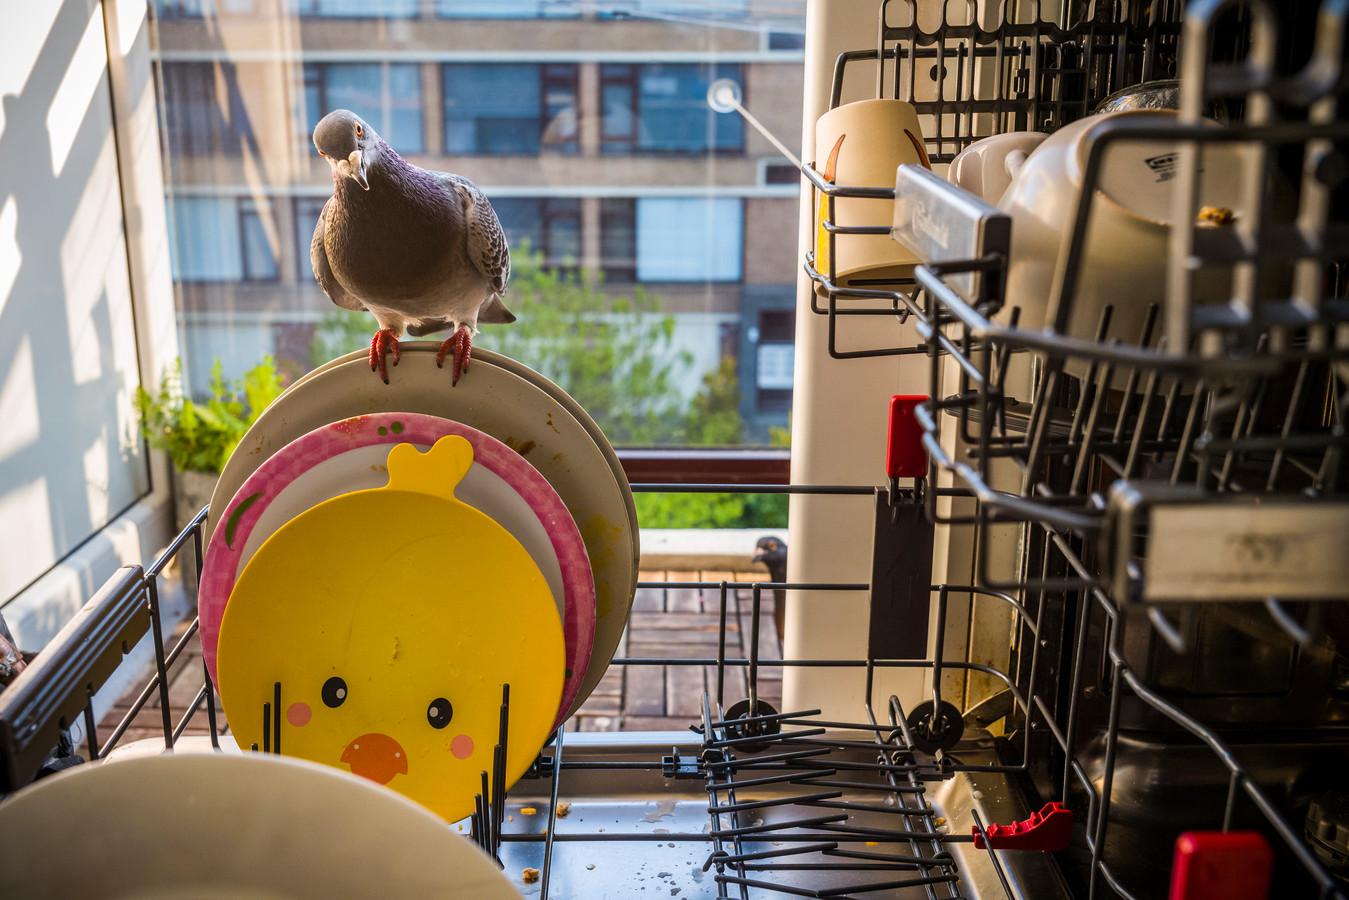 Natuurfotograaf Jasper Doest heeft de World Press Photo gewonnen in de categorie natuur, met zijn serie Pandemic Pigeons.